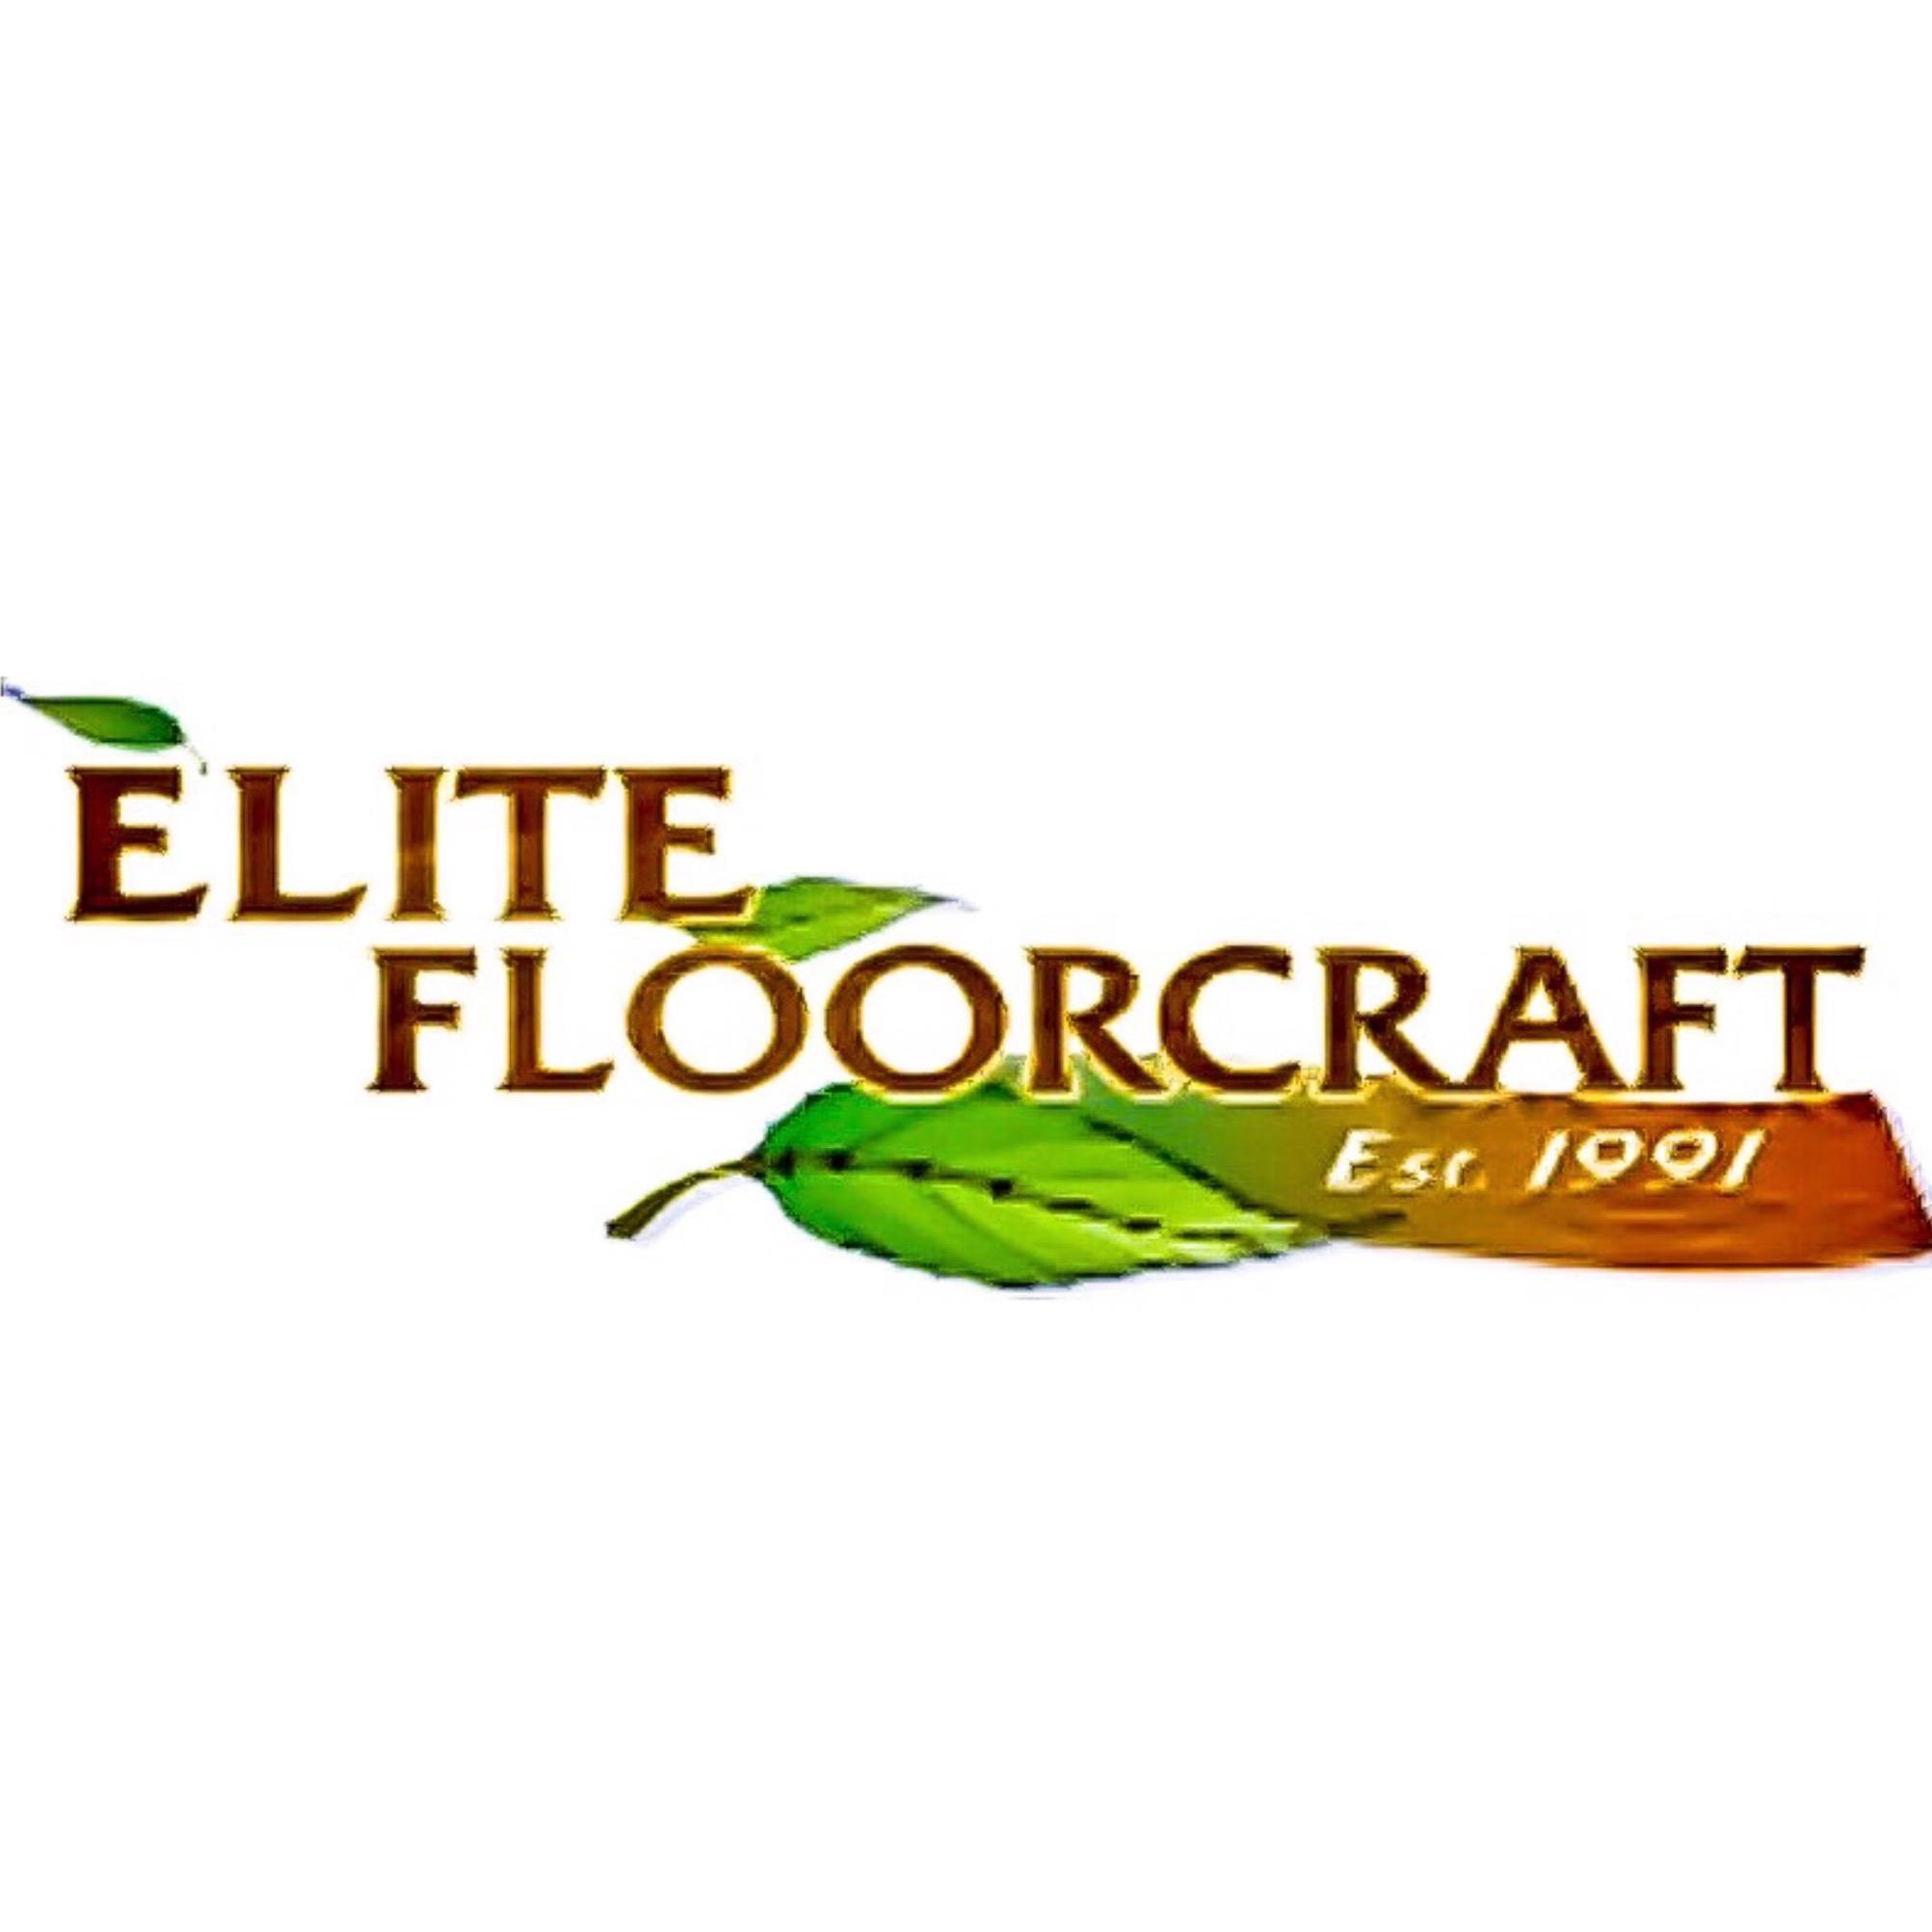 Elite Floorcraft